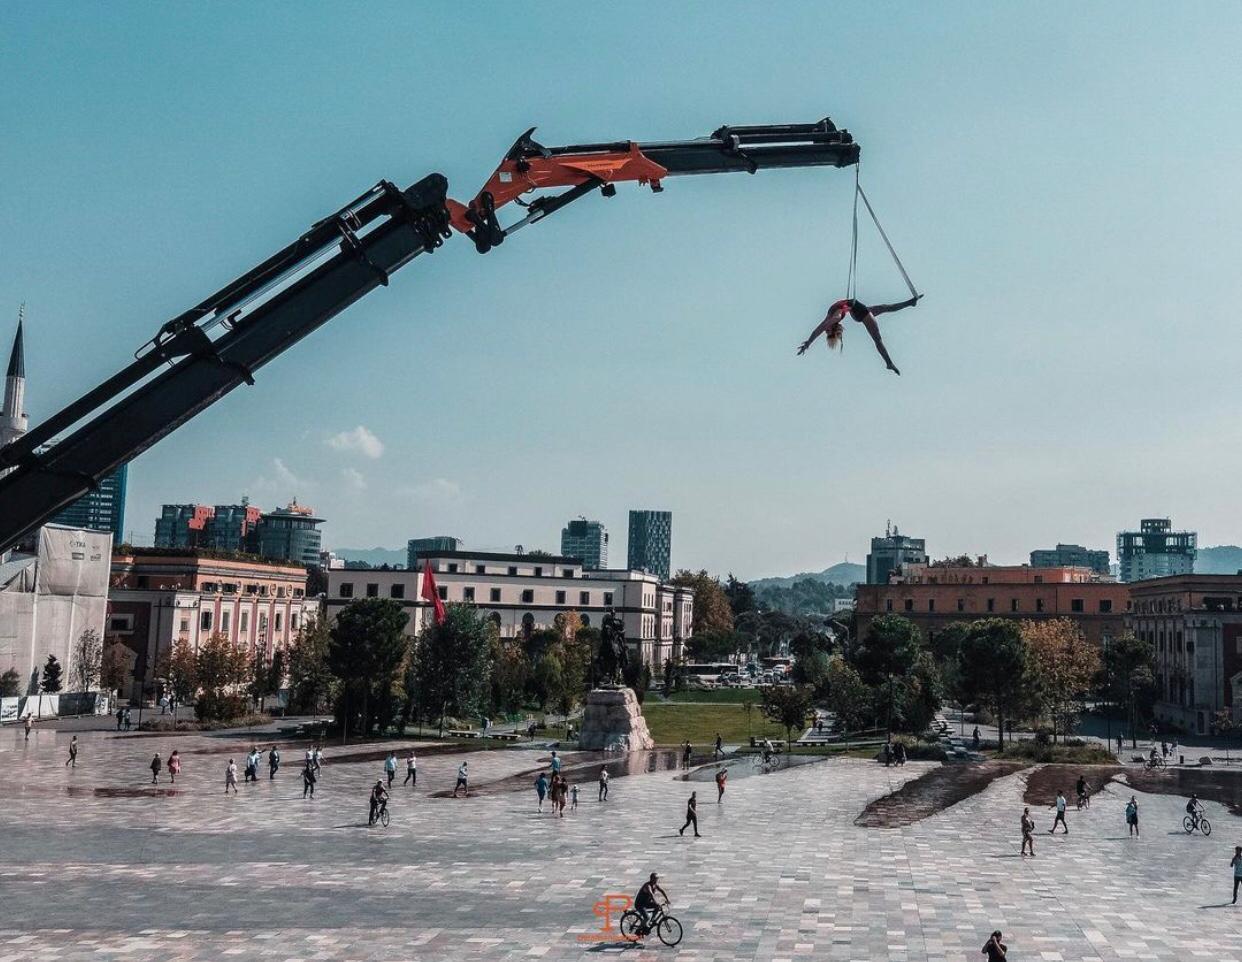 Shqiponja e shqiptarëve, njihuni me akrobaten që performon në qiell të hapur!